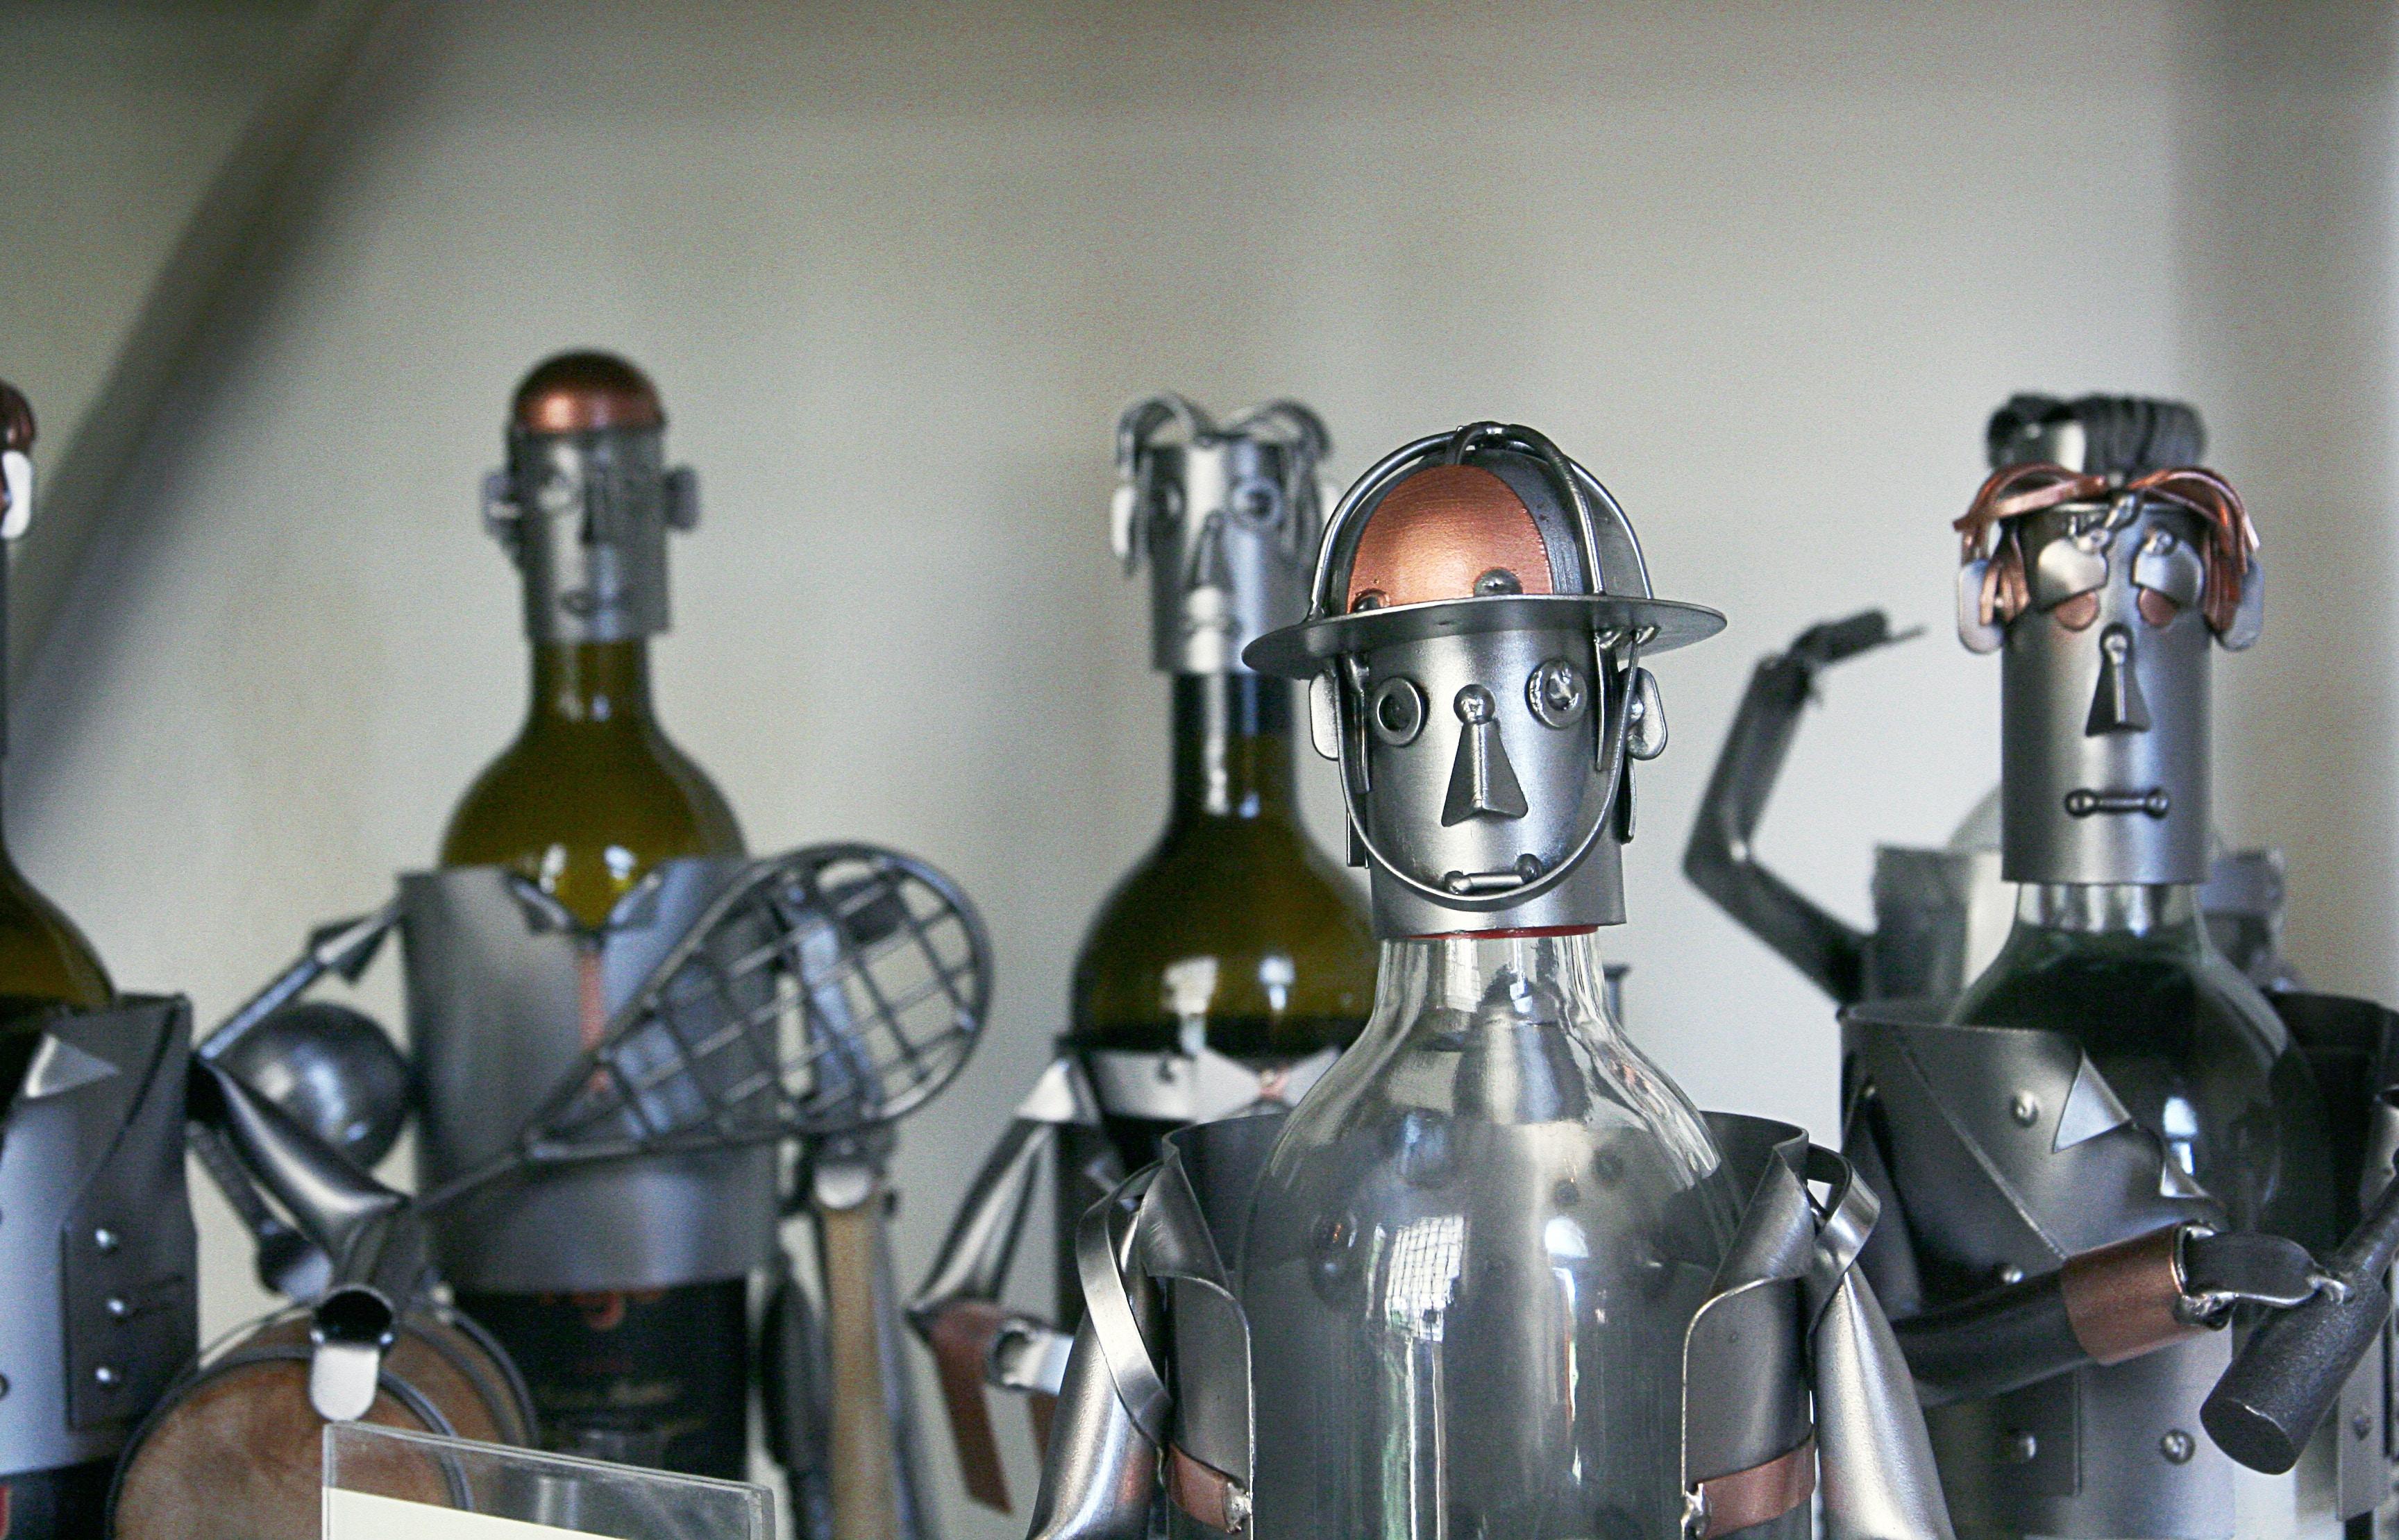 Apocalipsis laboral: ¿Un robot te quitará el trabajo?